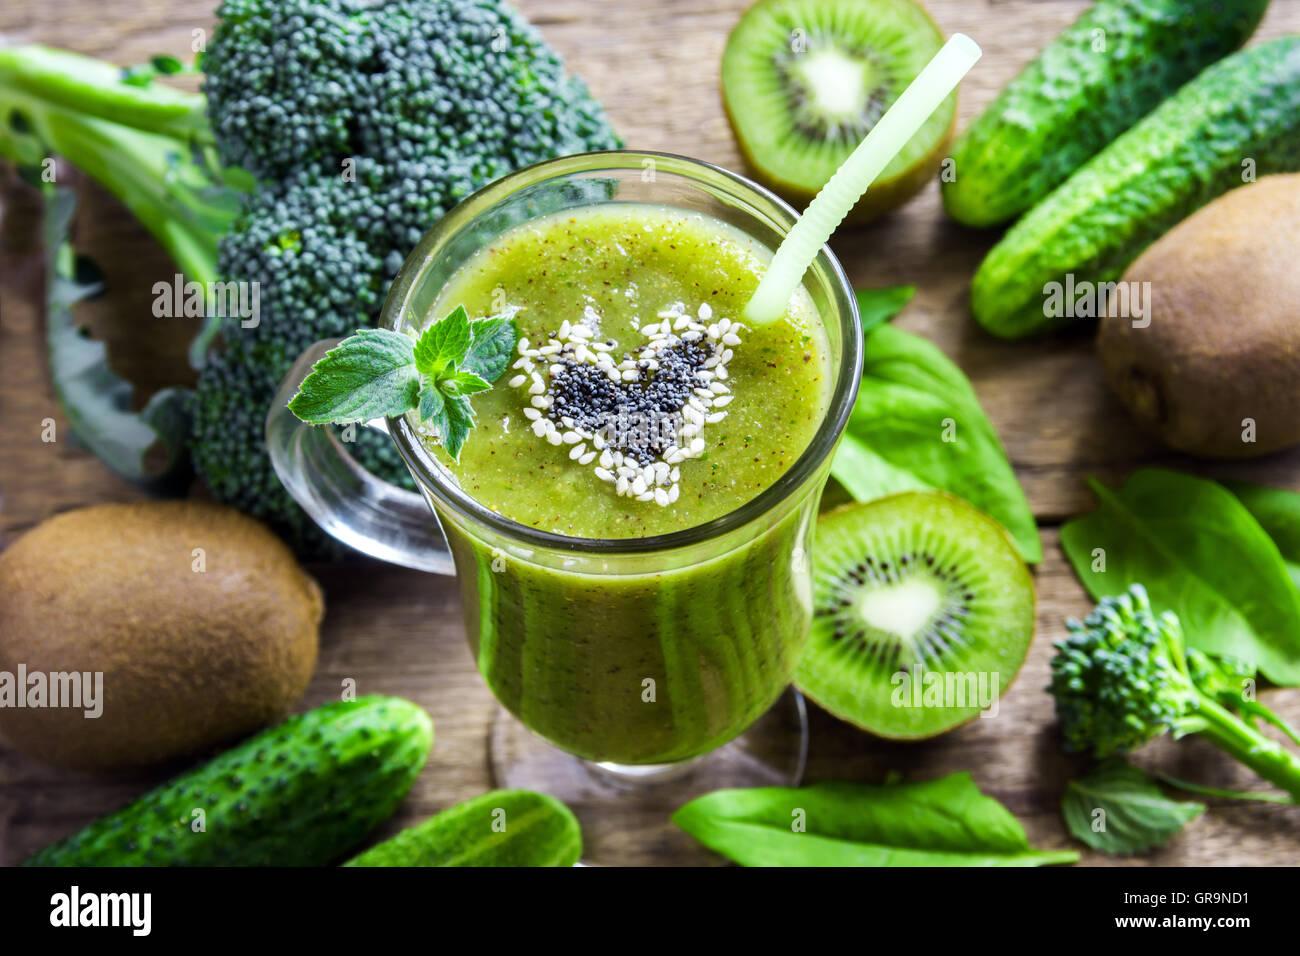 Grüne Gemüse und Kräuter Smoothie mit Herz aus Mohn und Sesam. Liebe für eine gesunde Rohkost Stockbild